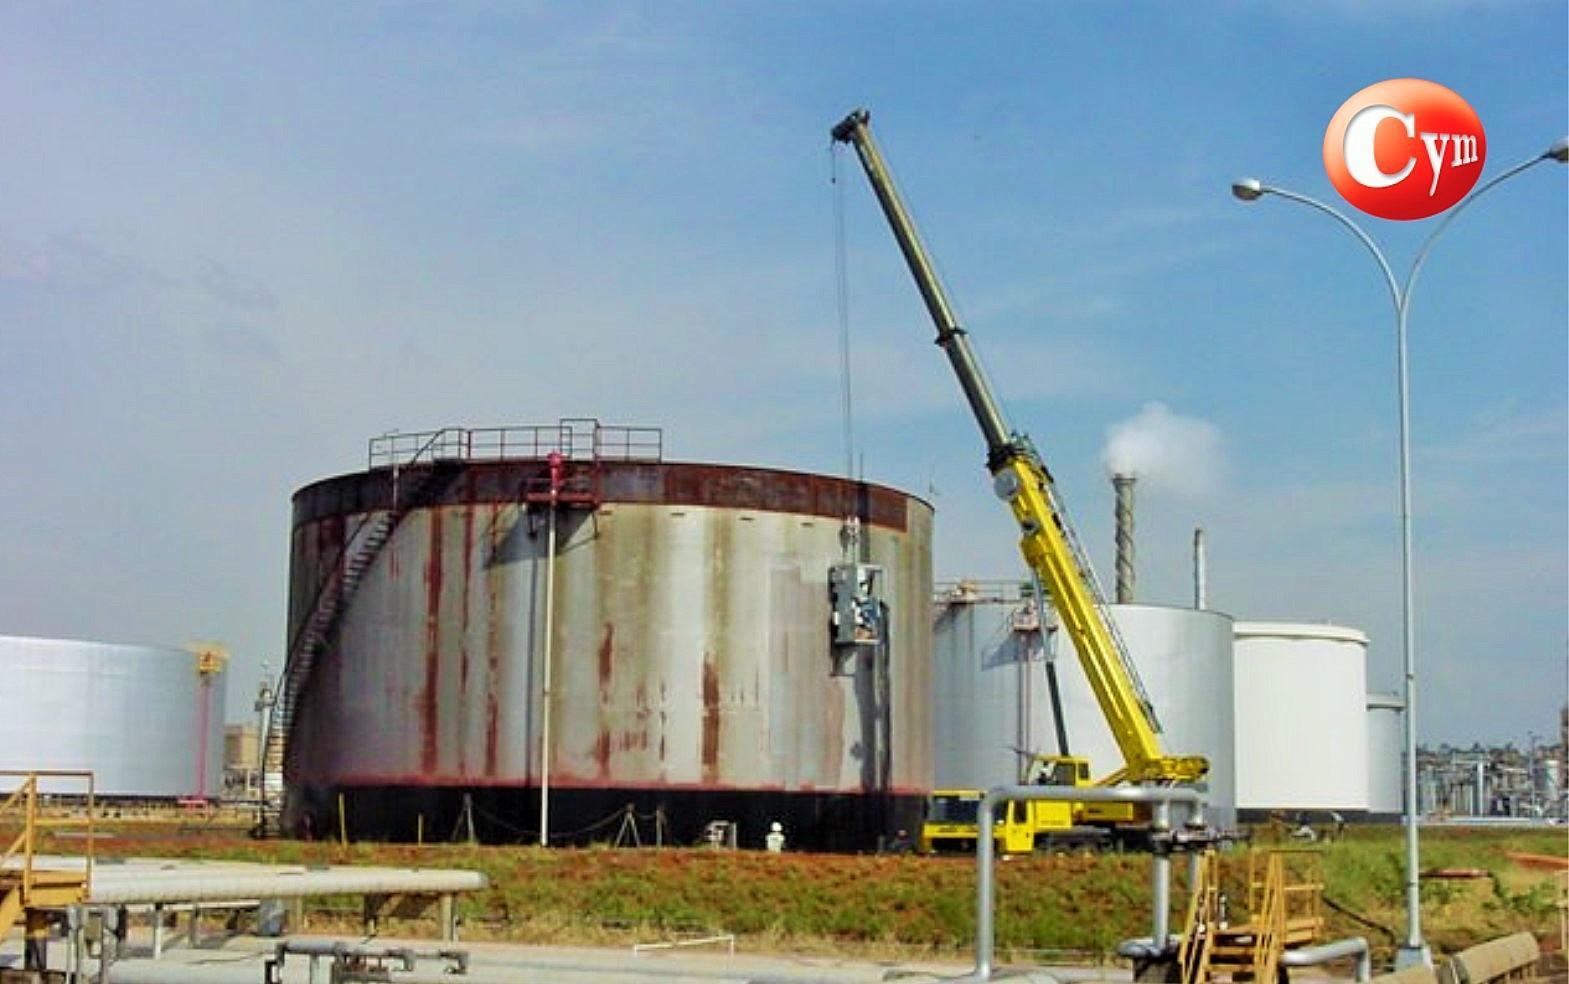 granalladora-portatil-pared-gpv30-tanque-petroleo-vista-panoramica-cym